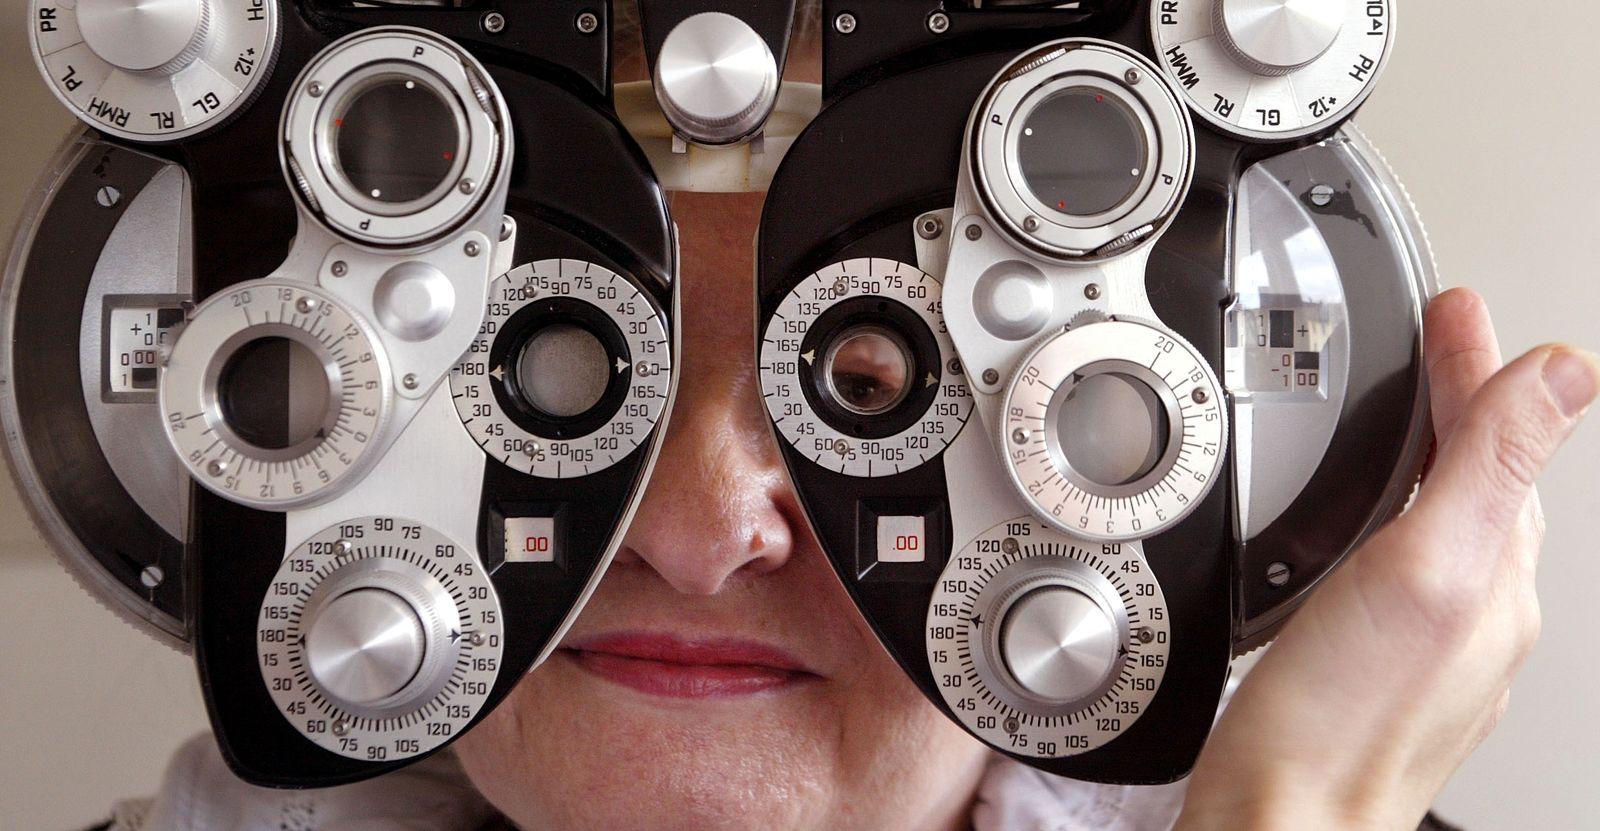 NICHT VERWENDEN Augenarzt / Sehtest